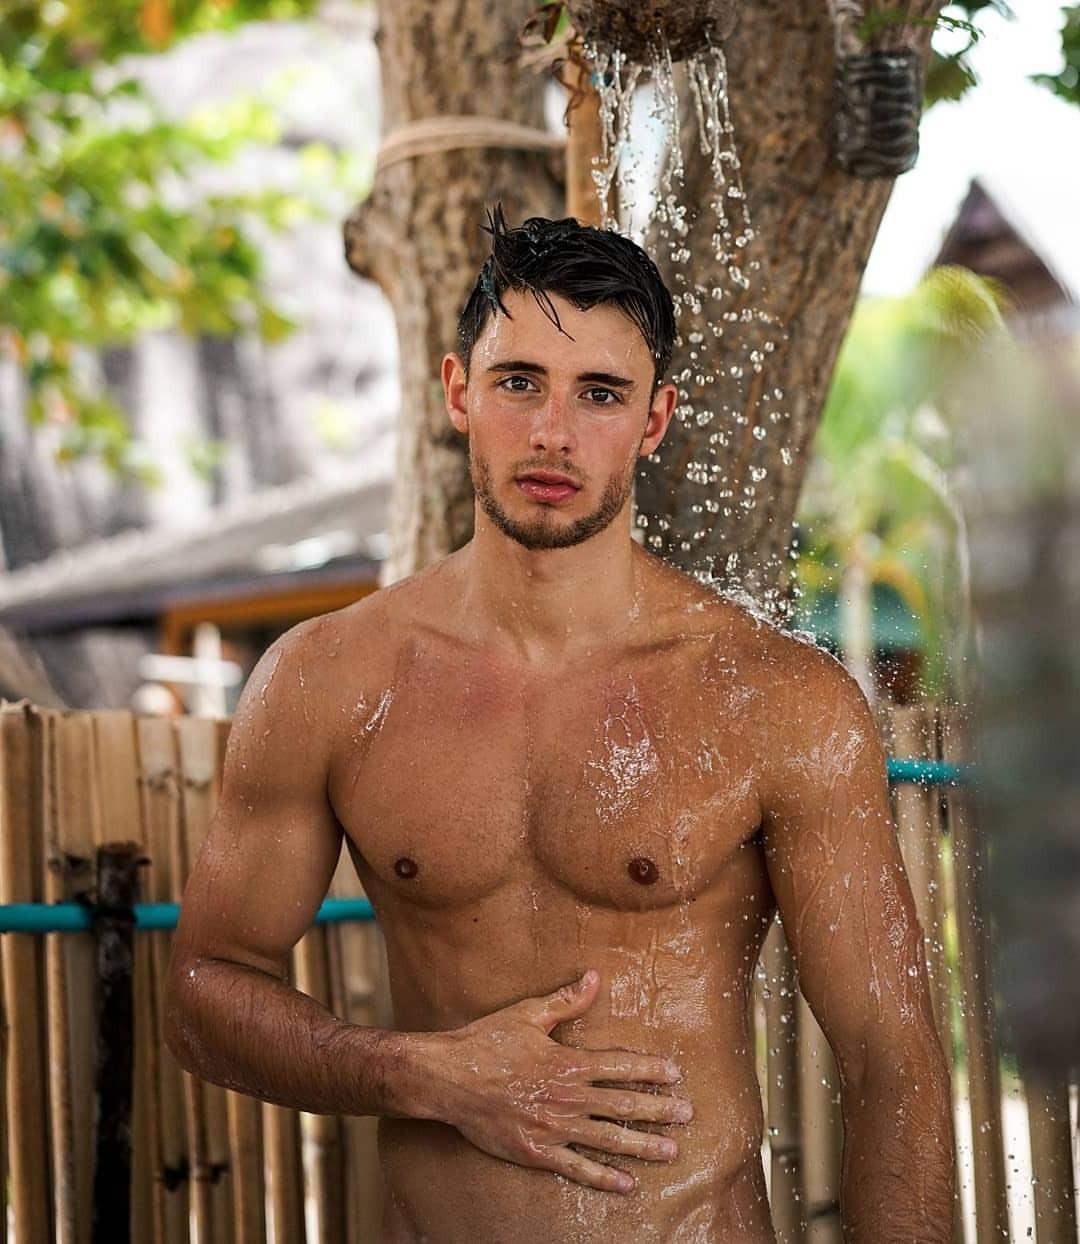 cute-boys-shirtless-twink-showering-outside-male-brunette-model